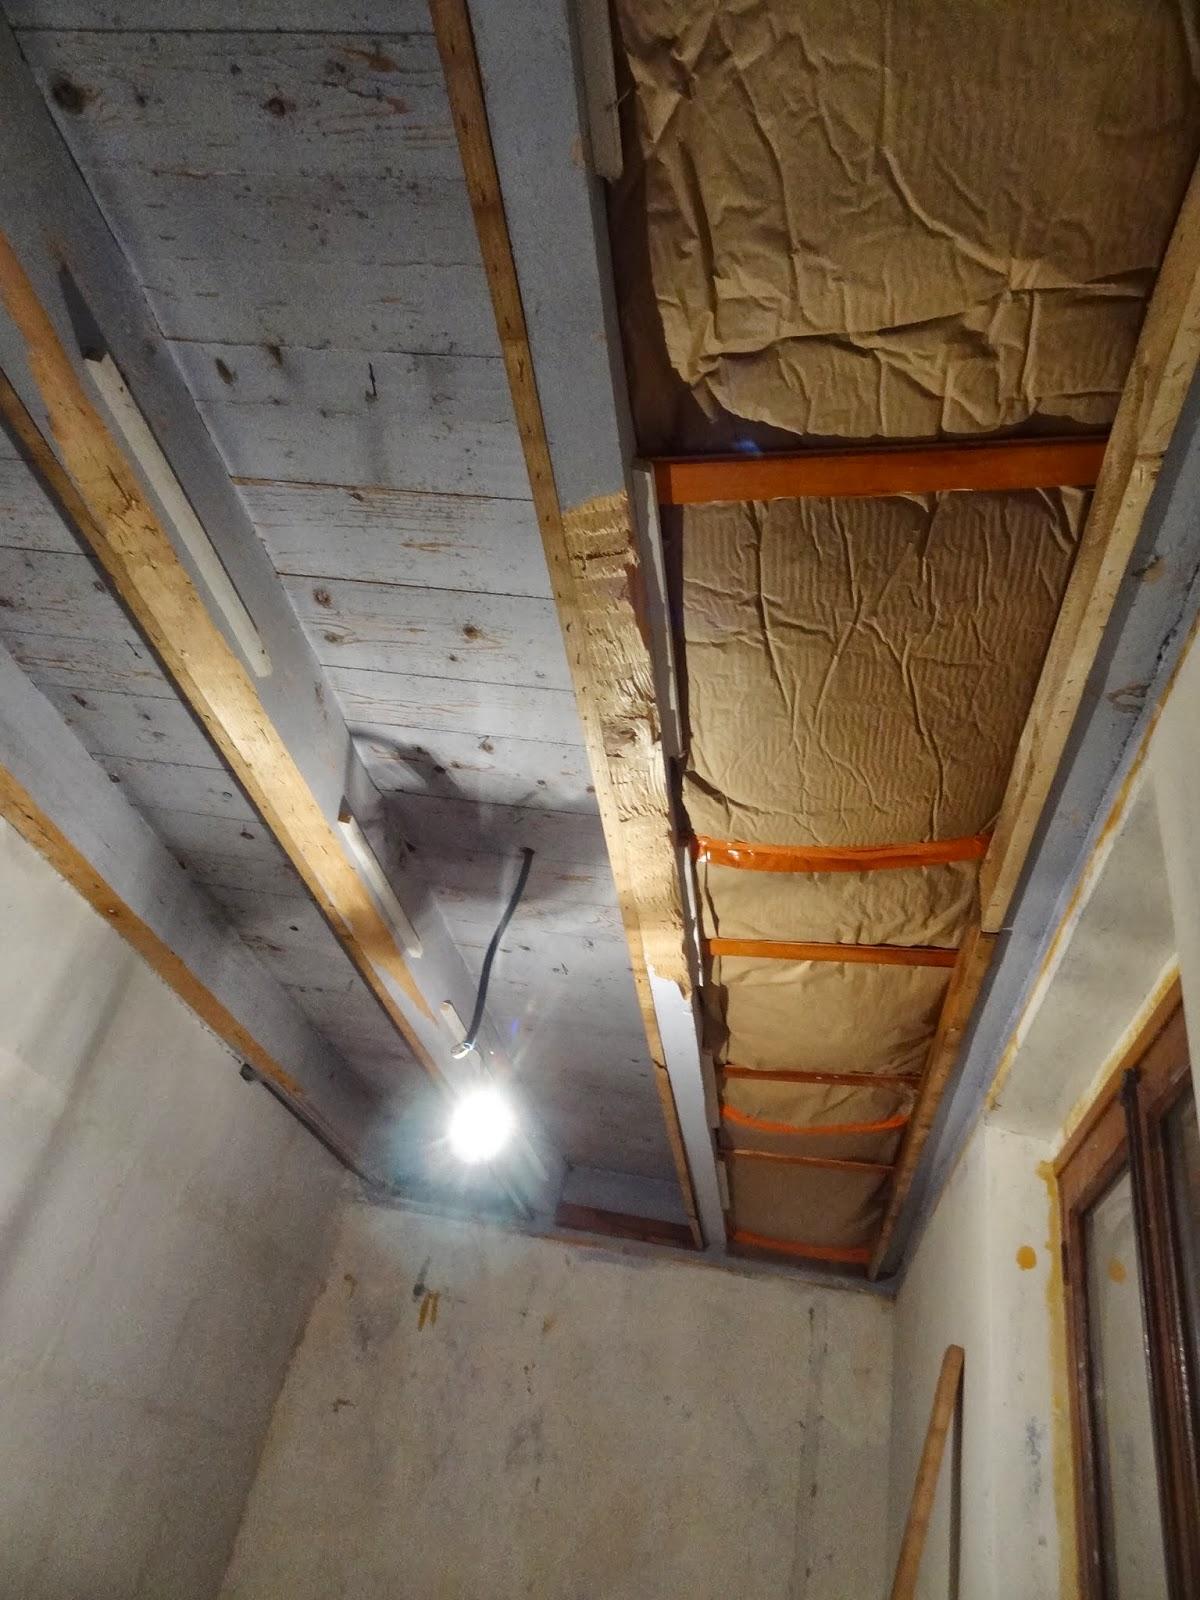 aure del coffrage fen tre de la salle de bain et isolation plafond chambre b b. Black Bedroom Furniture Sets. Home Design Ideas